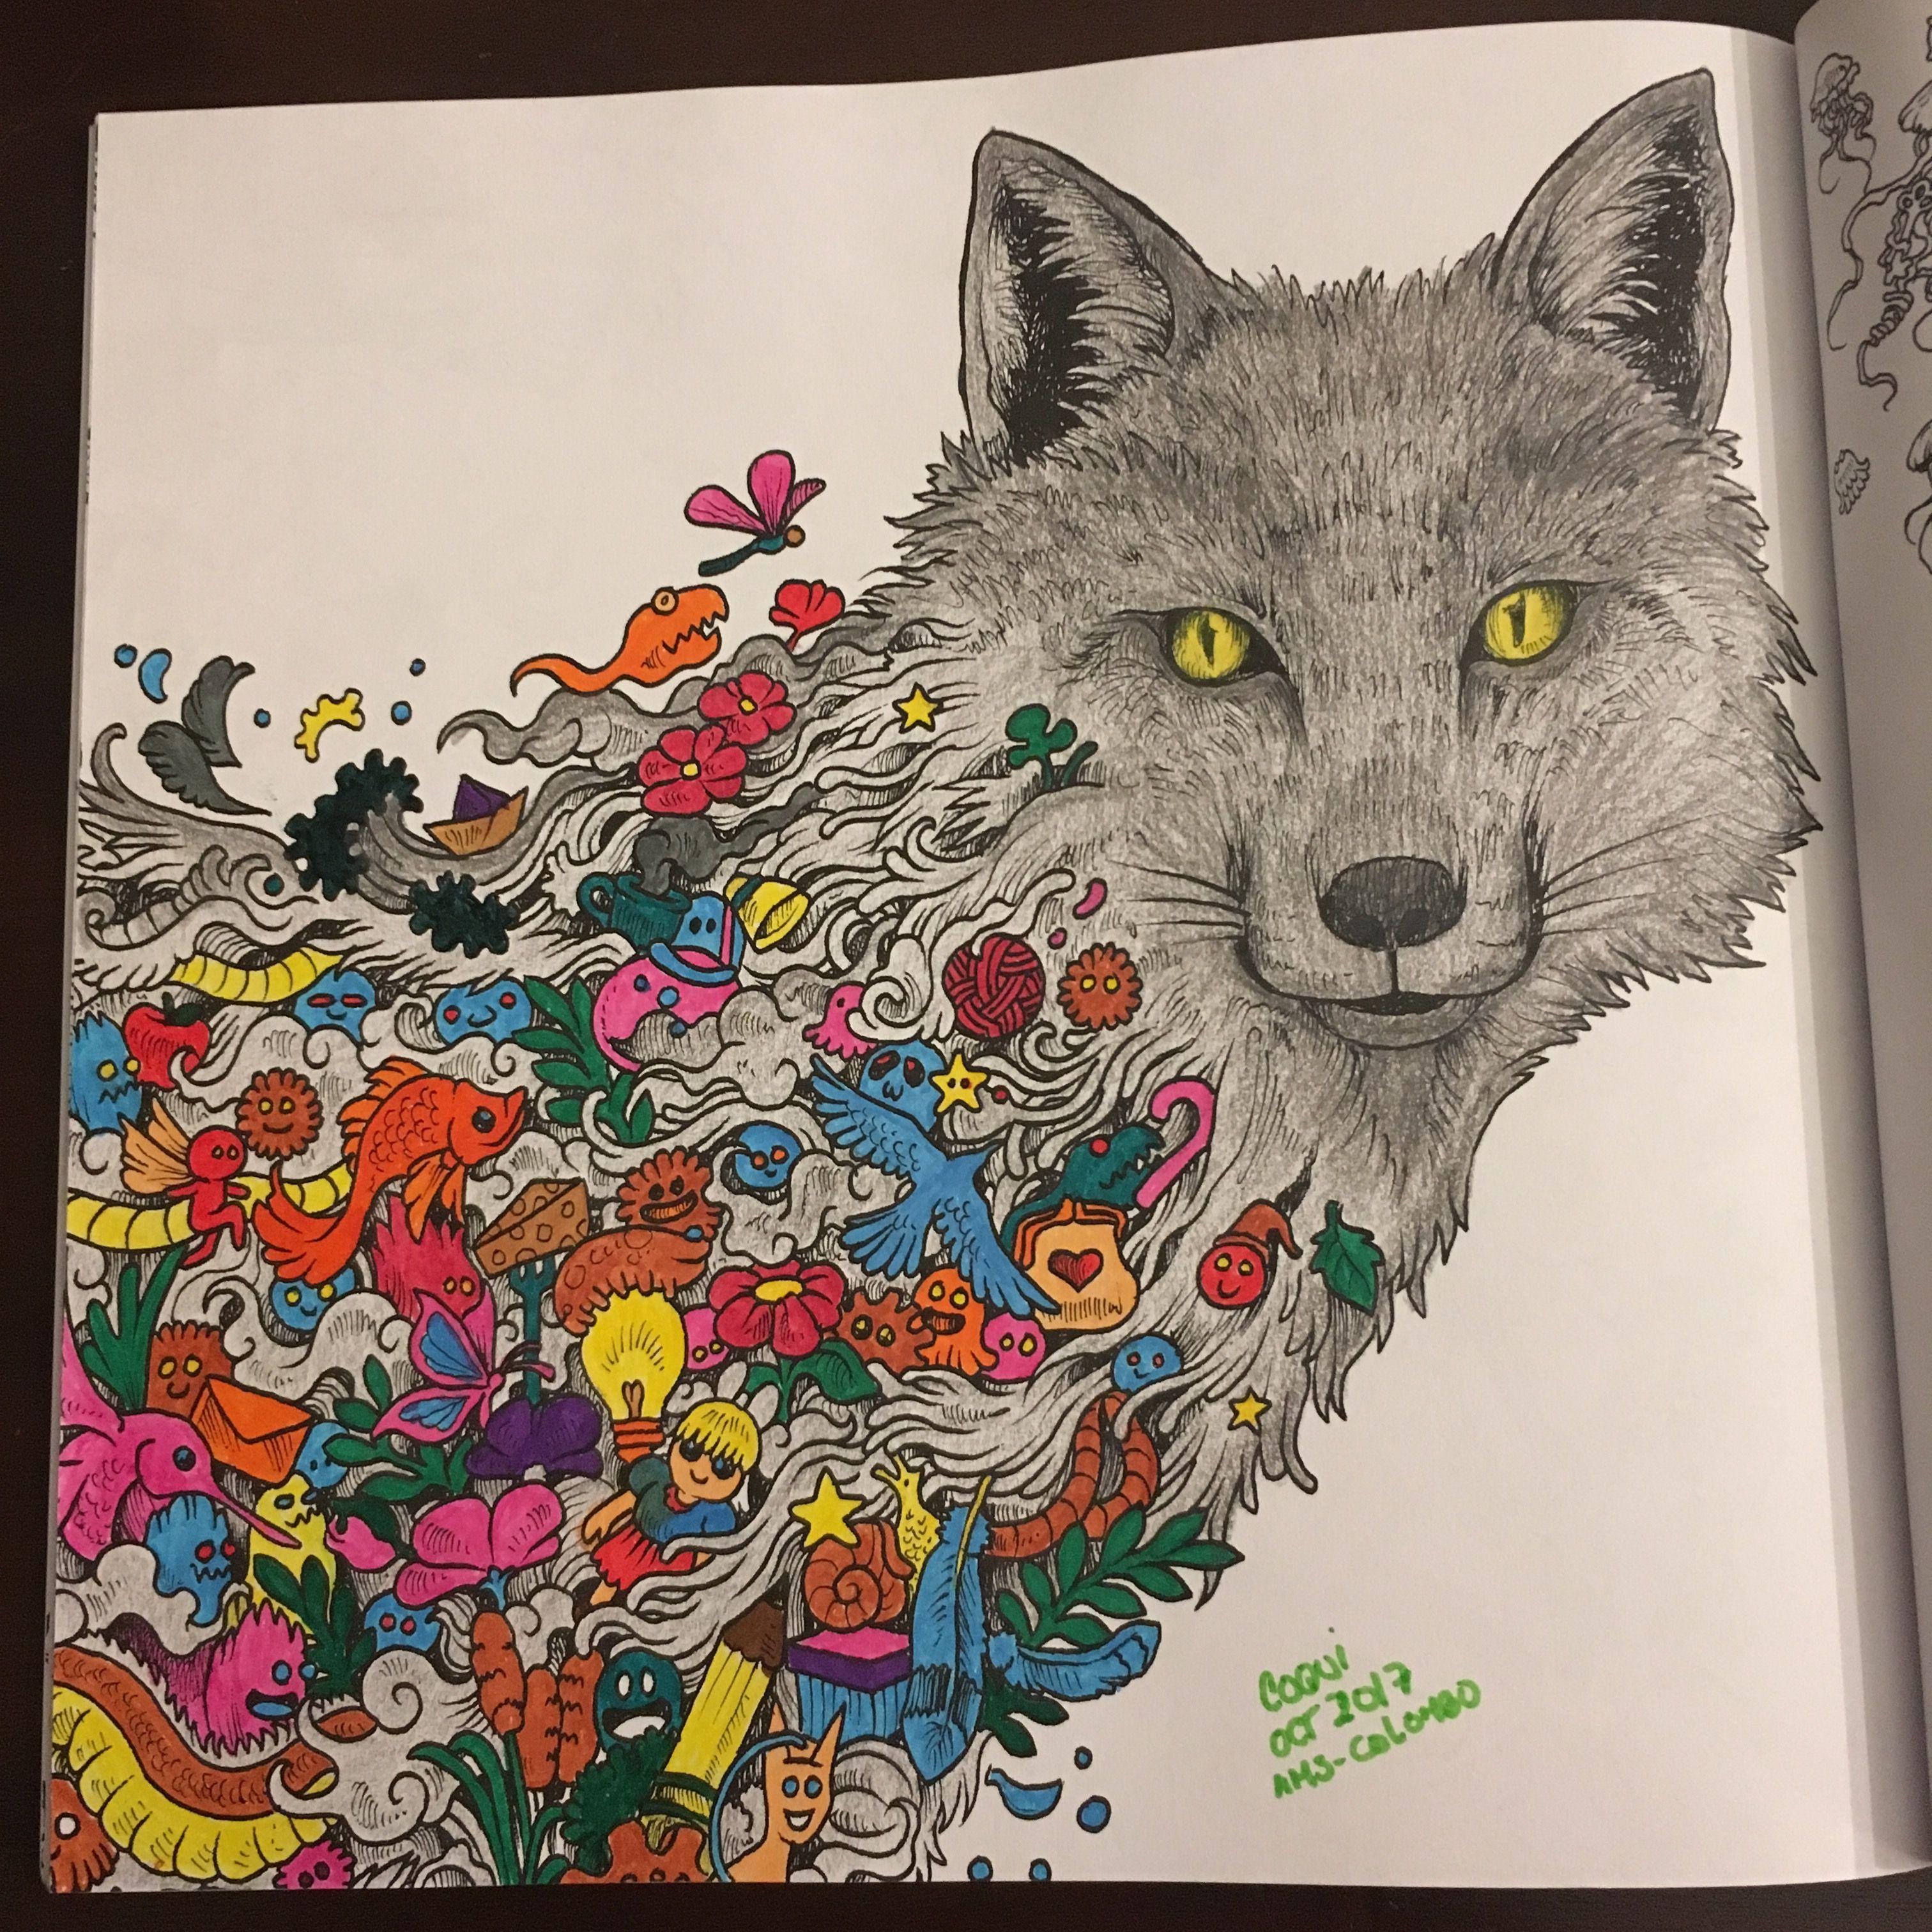 Un nuevo libro para colorear: #animorphia de @kerbyrosanes. Toda una ...